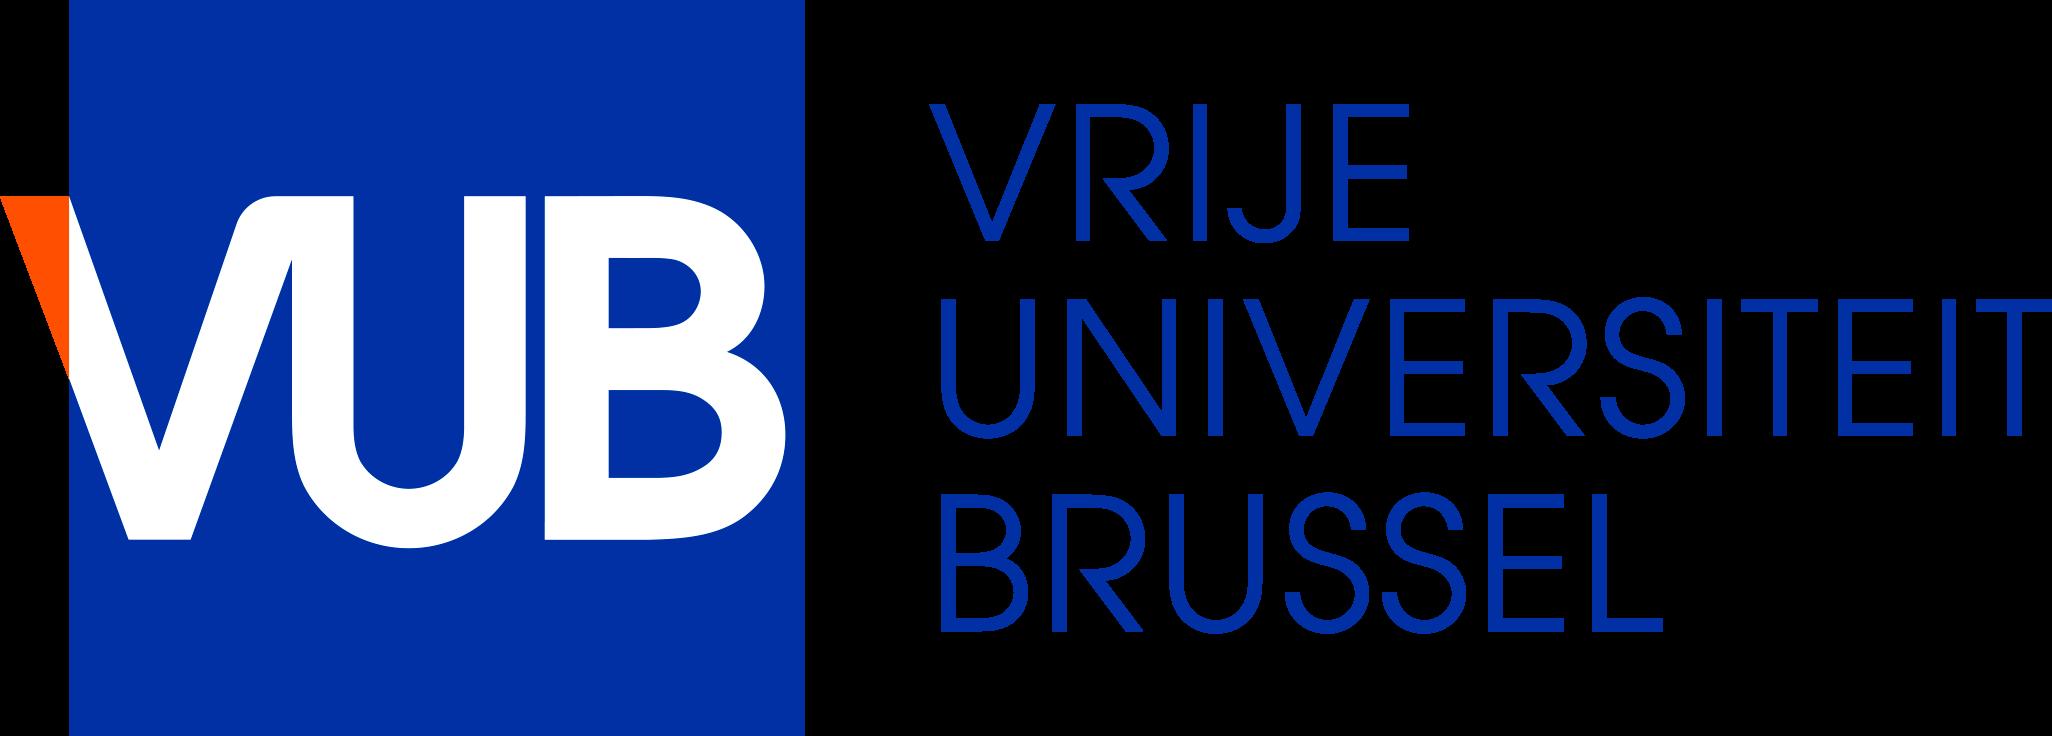 Vrije Universiteit Brussel